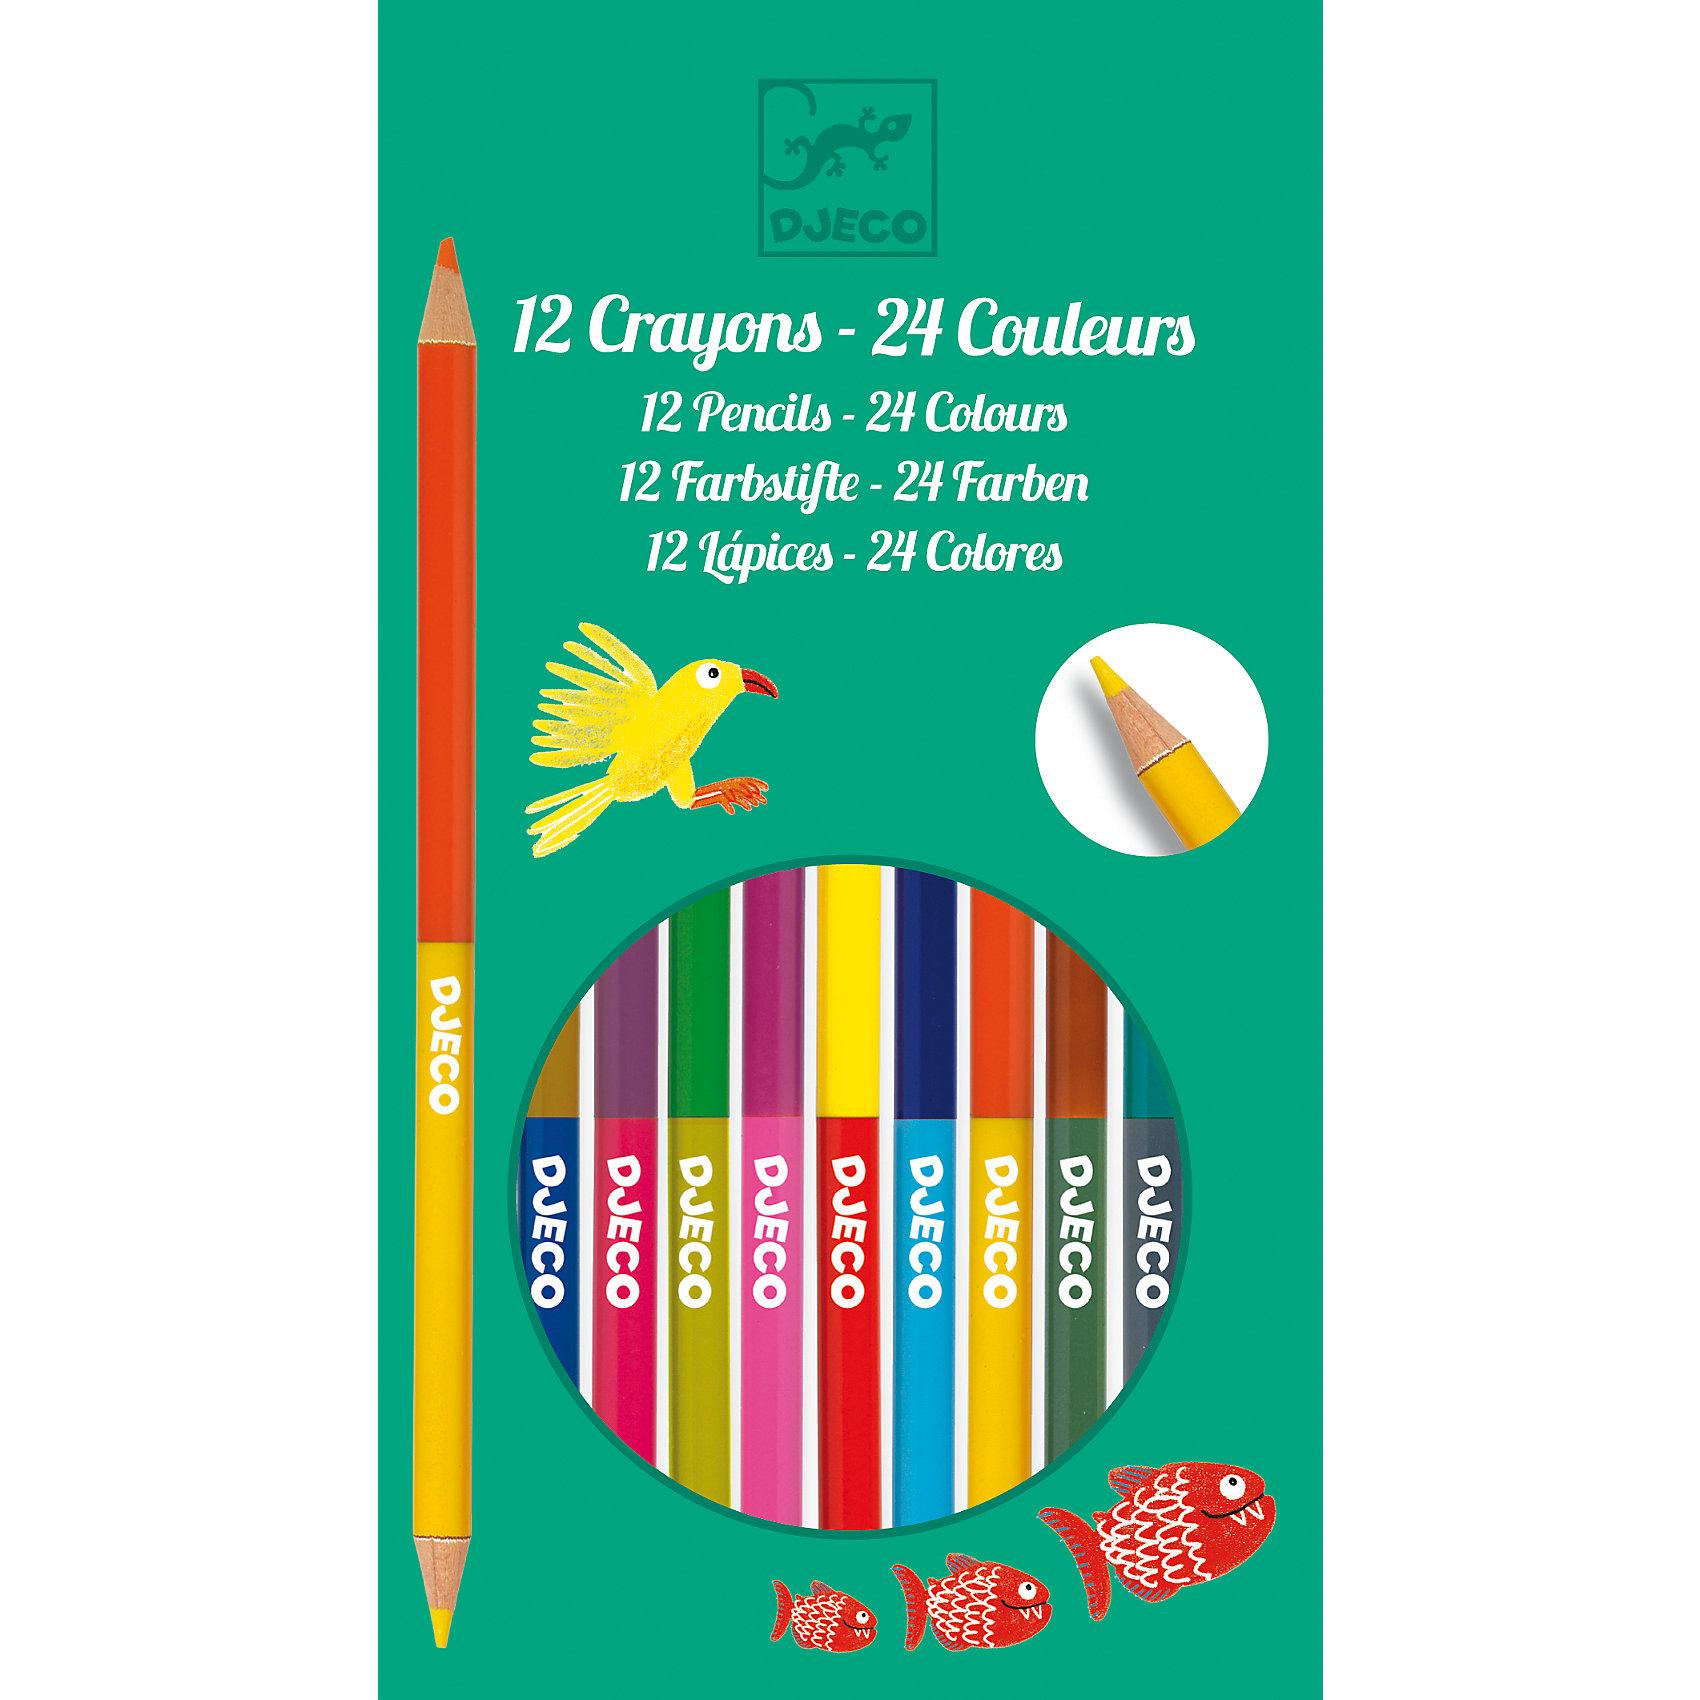 Набор из 12 двухсторонних карандашей, DJECOРисование<br>Характеристики набора из 12 двухсторонних карандашей:<br><br>• возраст: от 4 лет<br>• пол: универсальный<br>• комплект: 12 двухсторонних карандашей.<br>• материал: дерево<br>• состав: пластик, краситель.<br>• размер упаковки: 10 х 18 х 1 см.<br>• упаковка: картонная коробка .<br>• бренд: Djeco<br>• страна обладатель бренда: Франция.<br><br>Ваш малыш будет с удовольствием рисовать двойными карандашами, воплощая свои самые красочные мечты. В наборе он найдёт 12 ярких карандашей, всего в наборе 24 цвета. Рисунки, созданные с помощью карандашей от торговой марки Djeco (Джеко) не выцветают и сохраняют насыщенность цвета в течение долгого времени. В процессе рисования у Вашего ребенка будет развиваться фантазия, воображение и творческие способности.<br><br>Набор из 12 двухсторонних карандашей от торговой марки Djeco (Джеко) можно купить в нашем интернет-магазине.<br><br>Ширина мм: 100<br>Глубина мм: 18<br>Высота мм: 10<br>Вес г: 310<br>Возраст от месяцев: 48<br>Возраст до месяцев: 2147483647<br>Пол: Унисекс<br>Возраст: Детский<br>SKU: 5448836